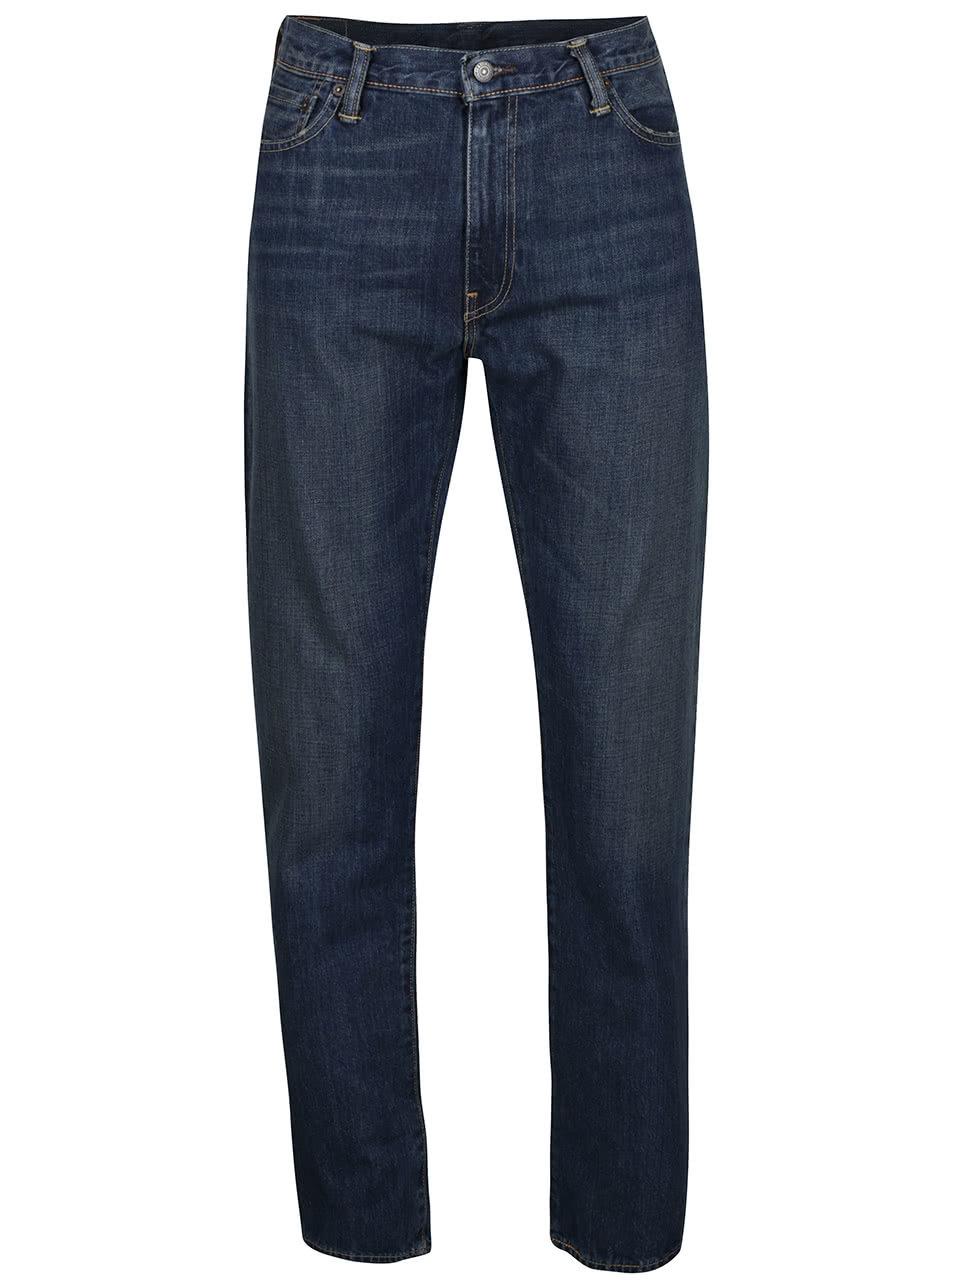 Tmavě modré pánské džíny Levi s® 504™ ... f83f9bd42e